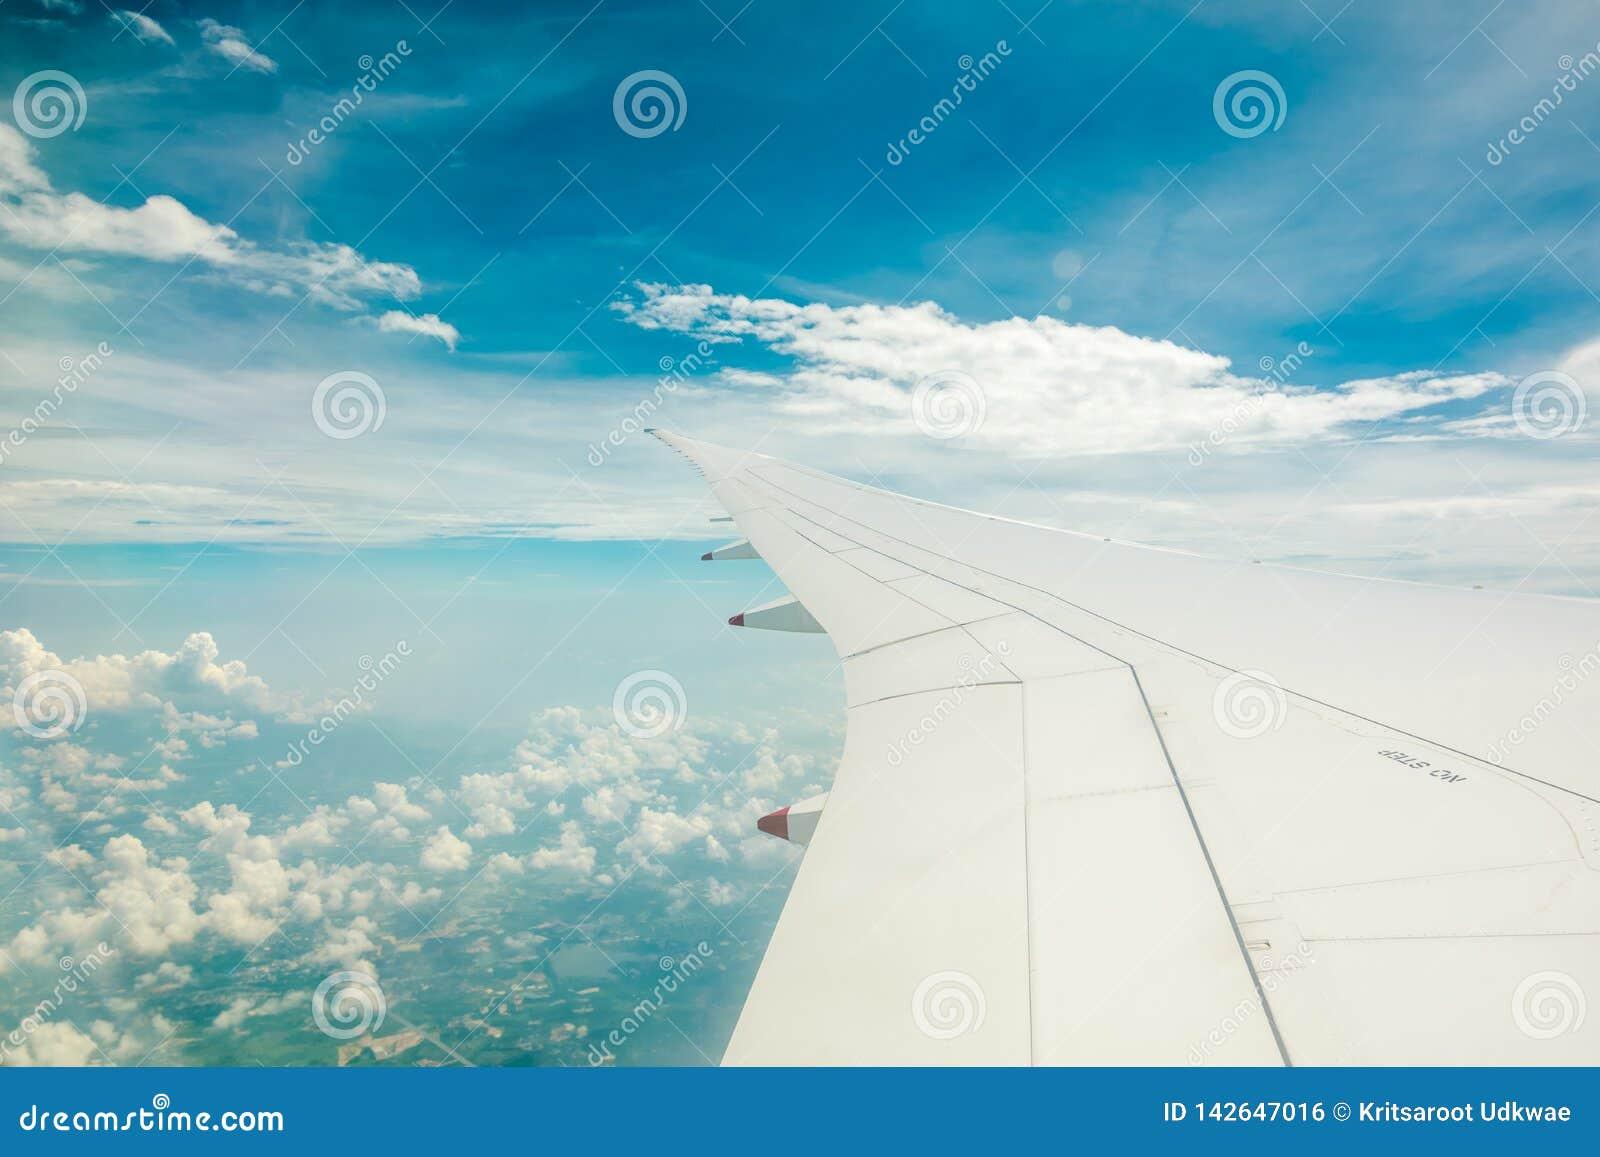 Vista aérea da janela do avião